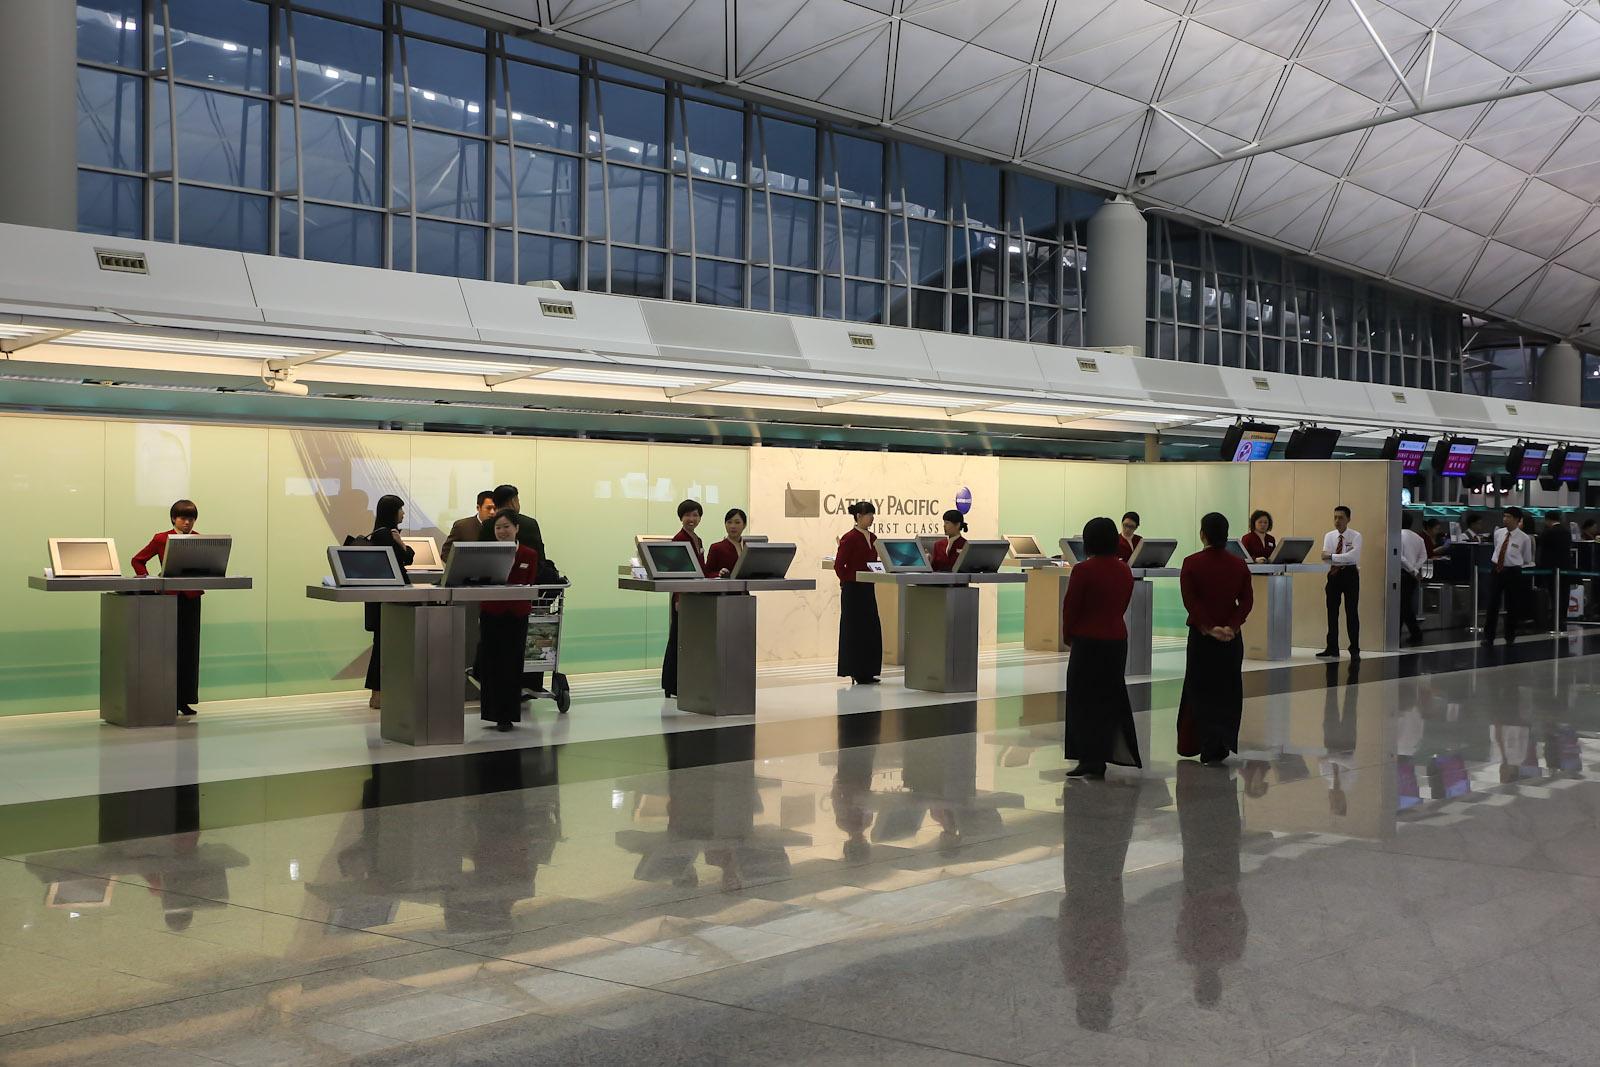 Стойки регистрация пассажиров первого класса авиакомпании Cathay Pacific в аэропорту Гонконг